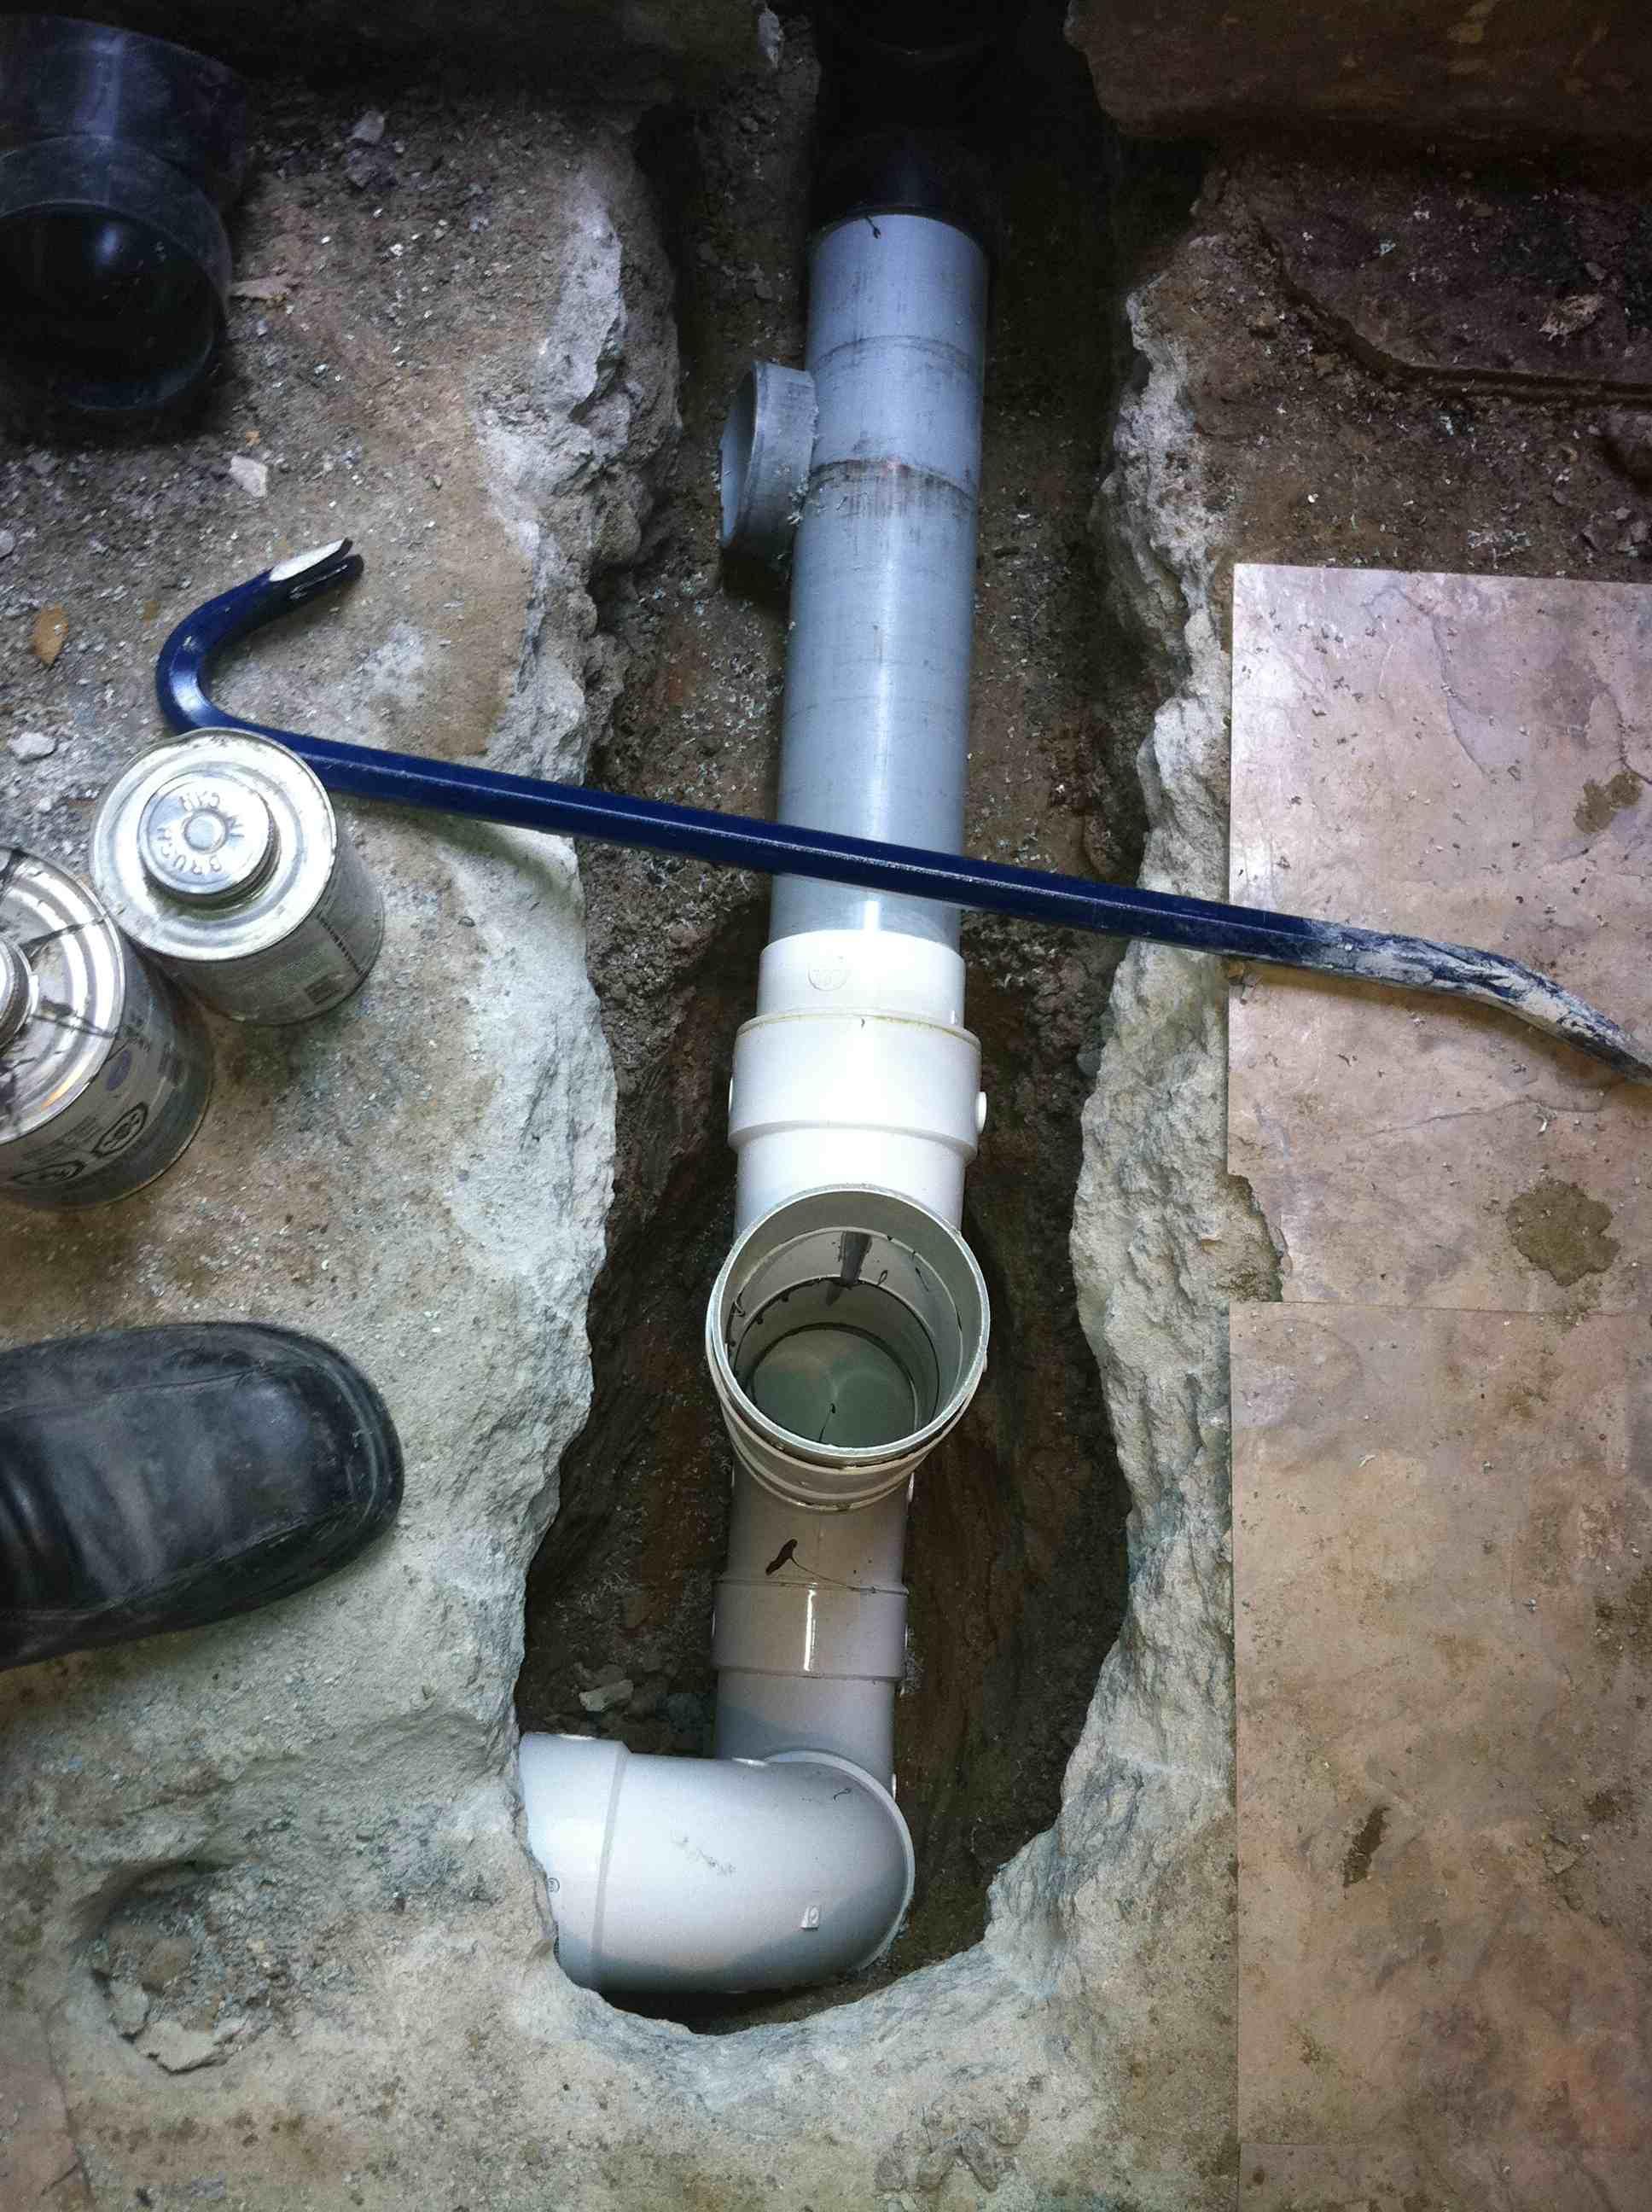 Emergency drain repair works in toronto mississauga and surroundings - Basement Drain Repair Toronto